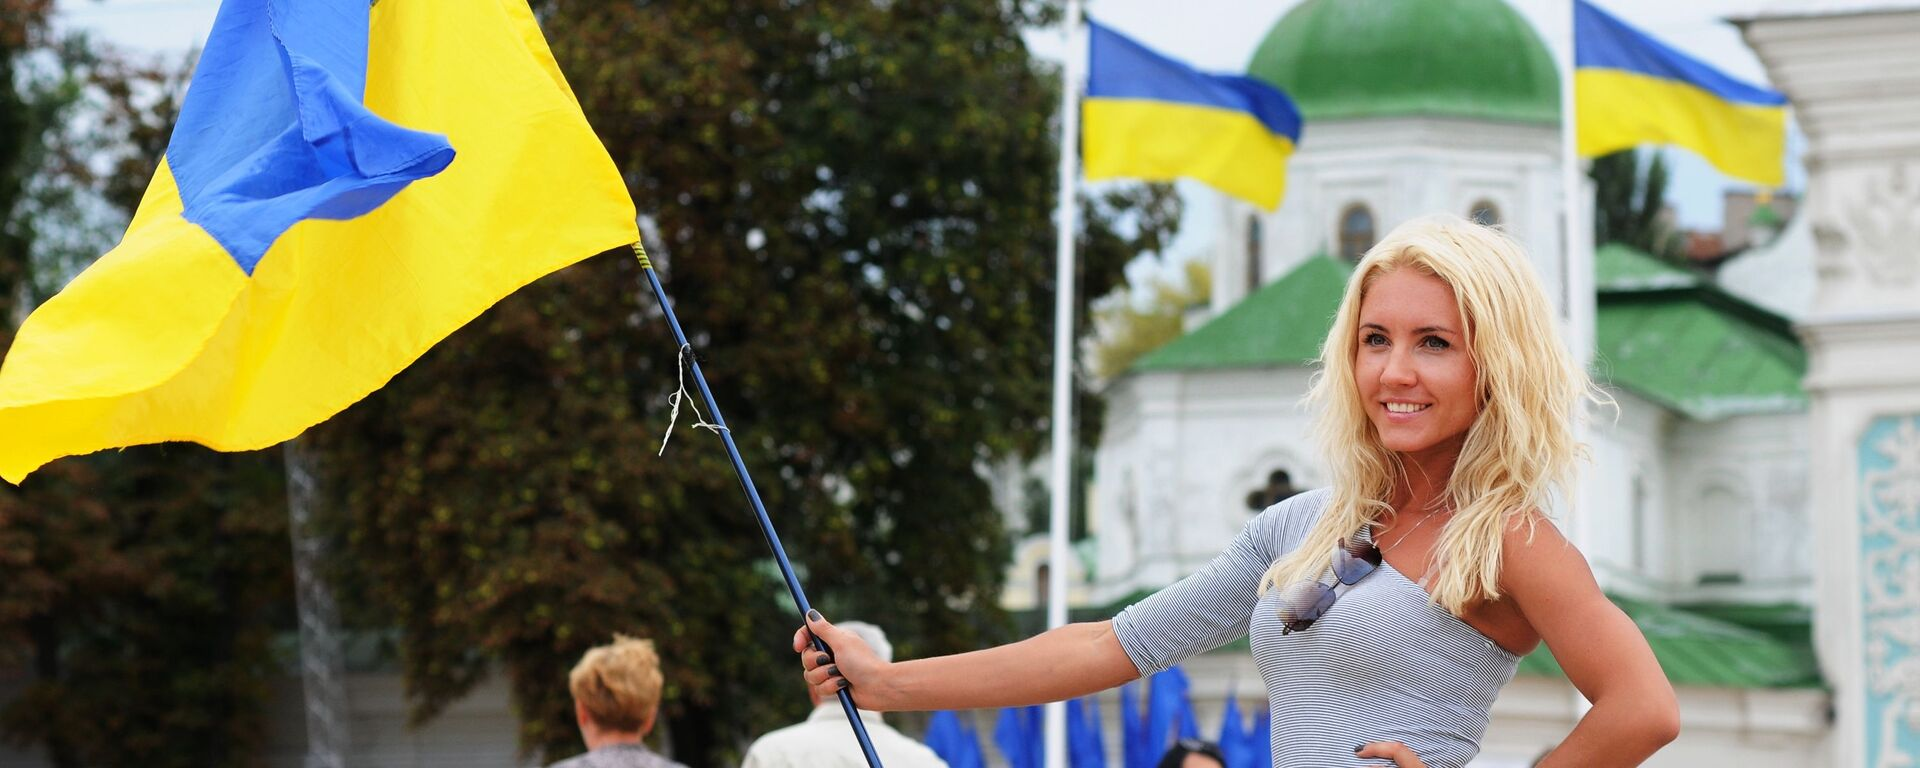 Участница VI фестиваля Парад вышиванок-2014 во время празднования Дня Независимости в Киеве. - Sputnik Латвия, 1920, 02.04.2021